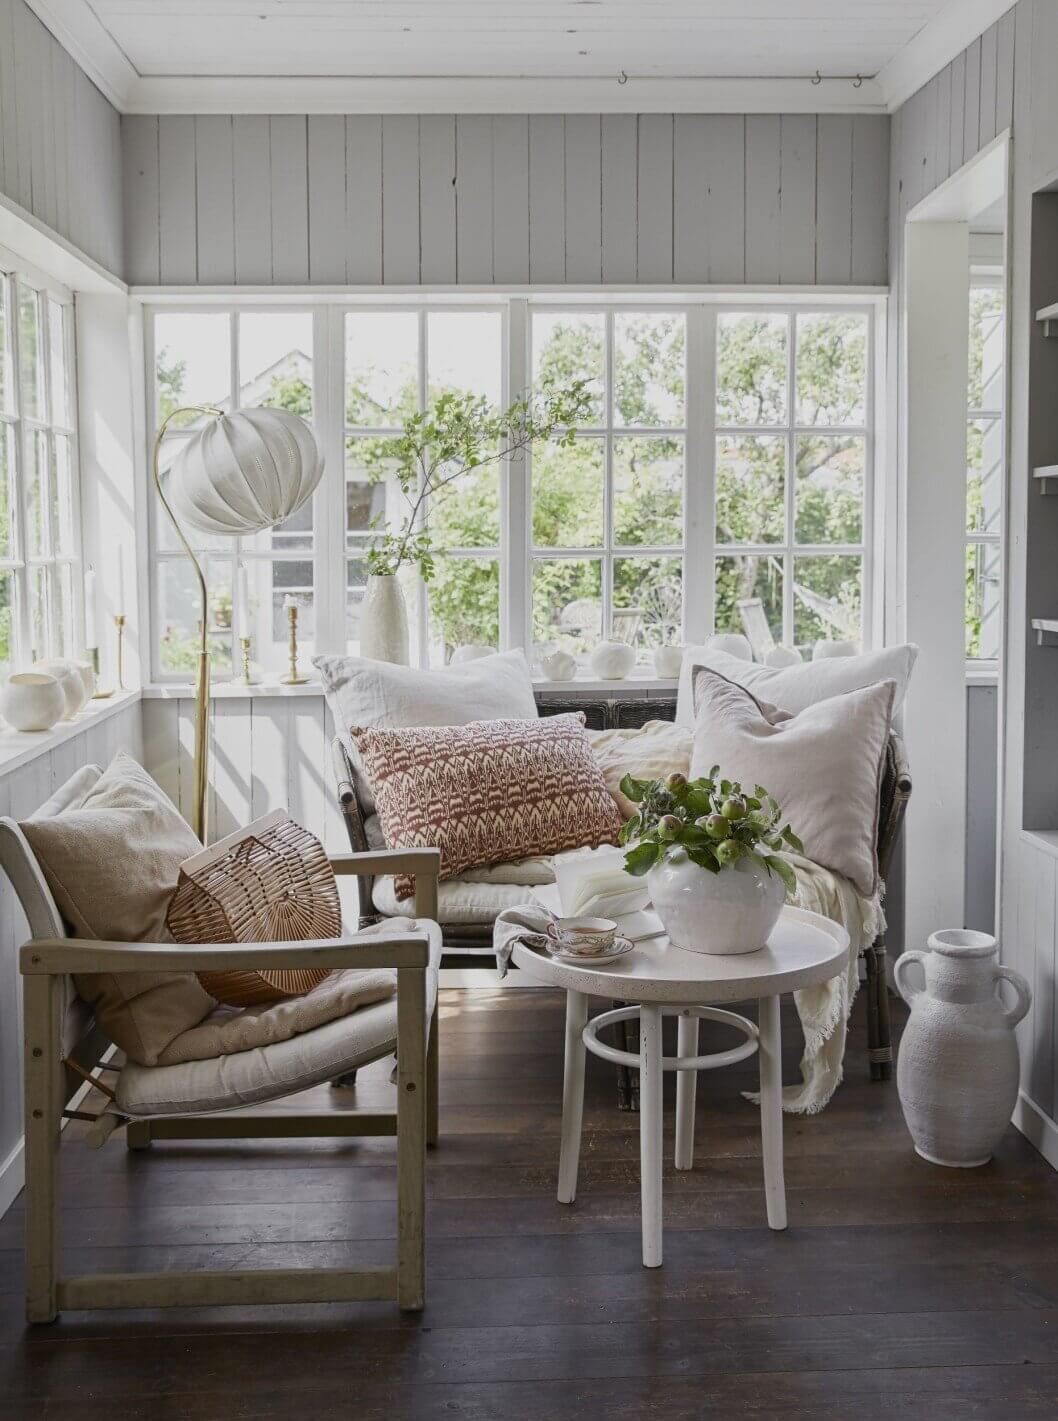 sun-room-garden-room-farmhouse-allotment-sweden-nordroom